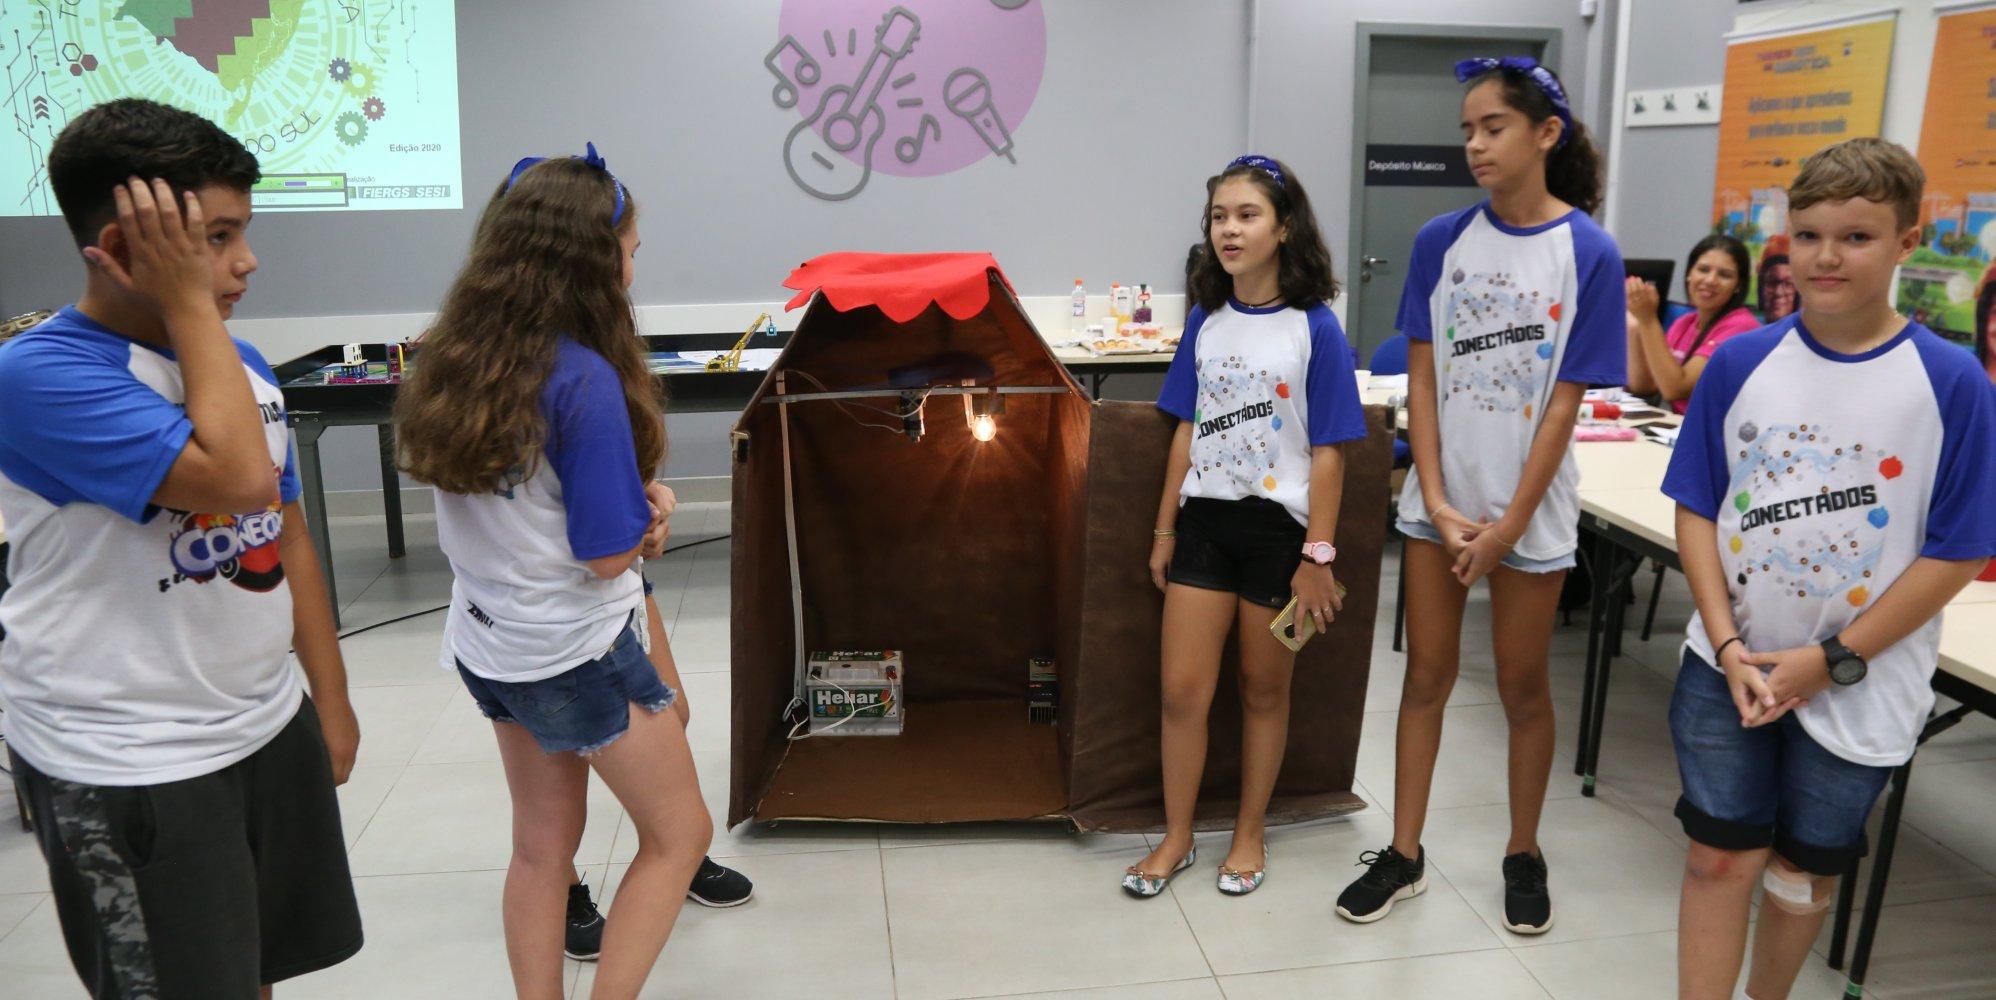 Amistoso de robótica na Escola Sesi de Gravataí